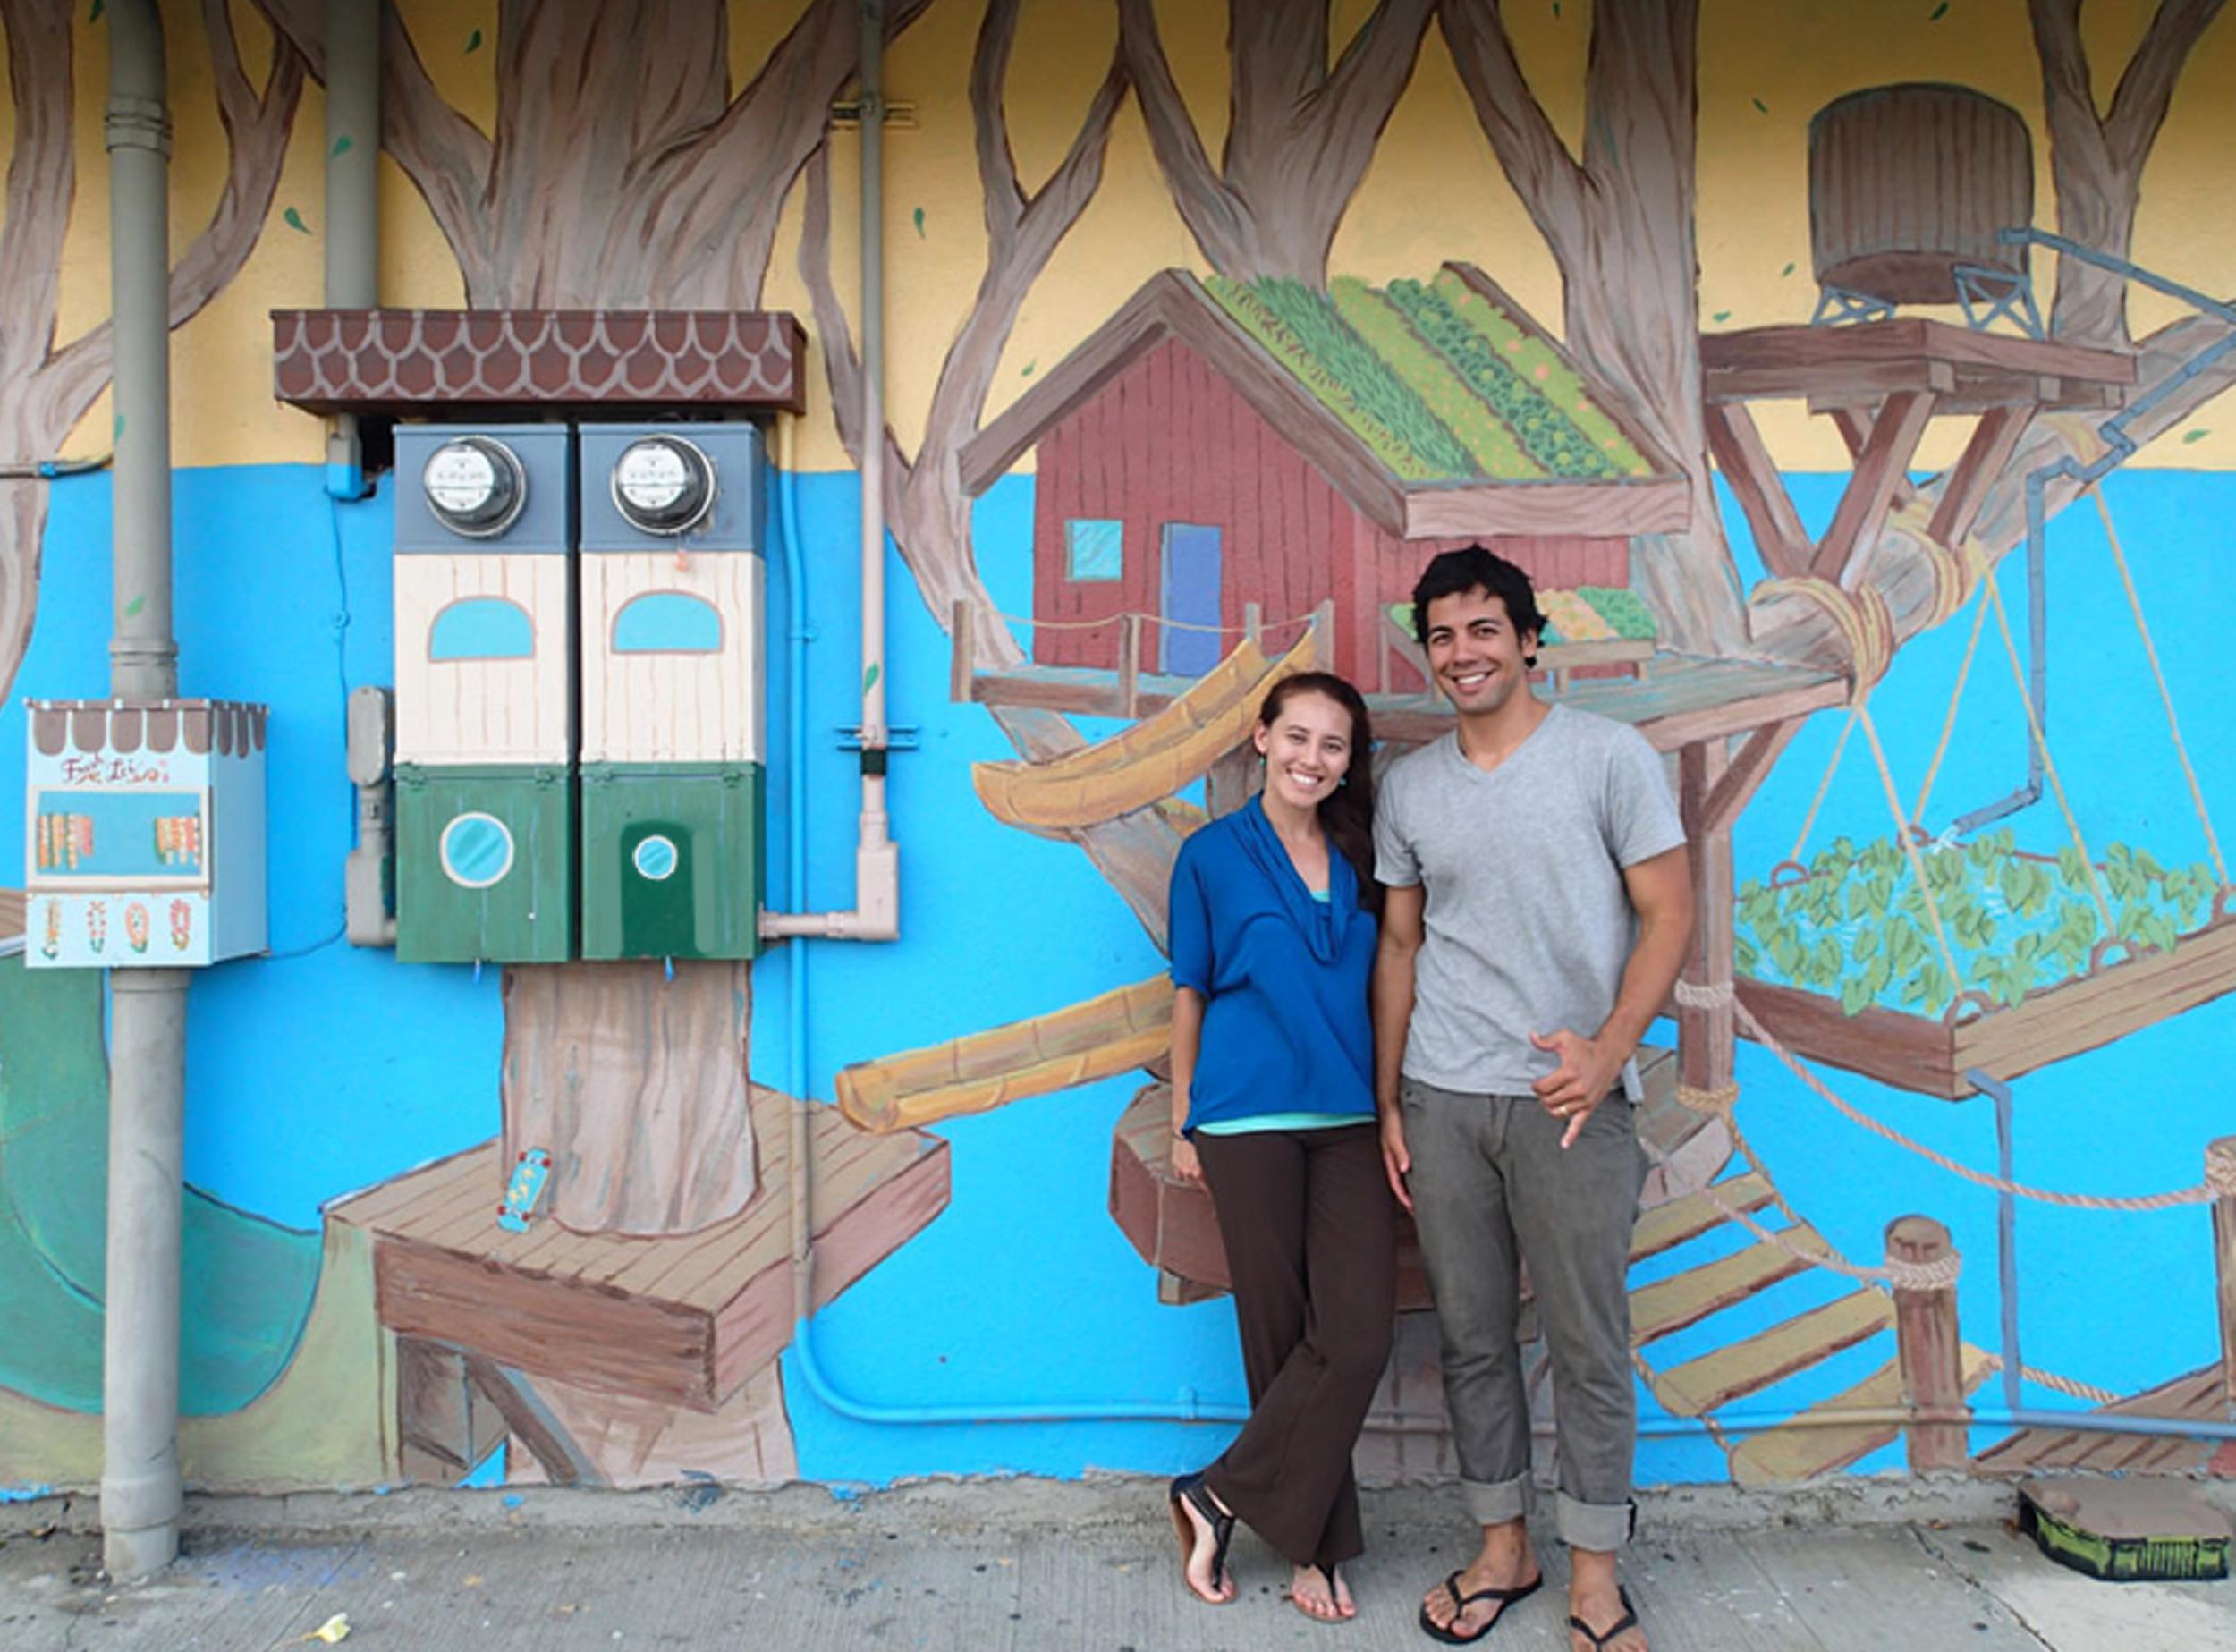 Roxy and Matt_mural.jpg